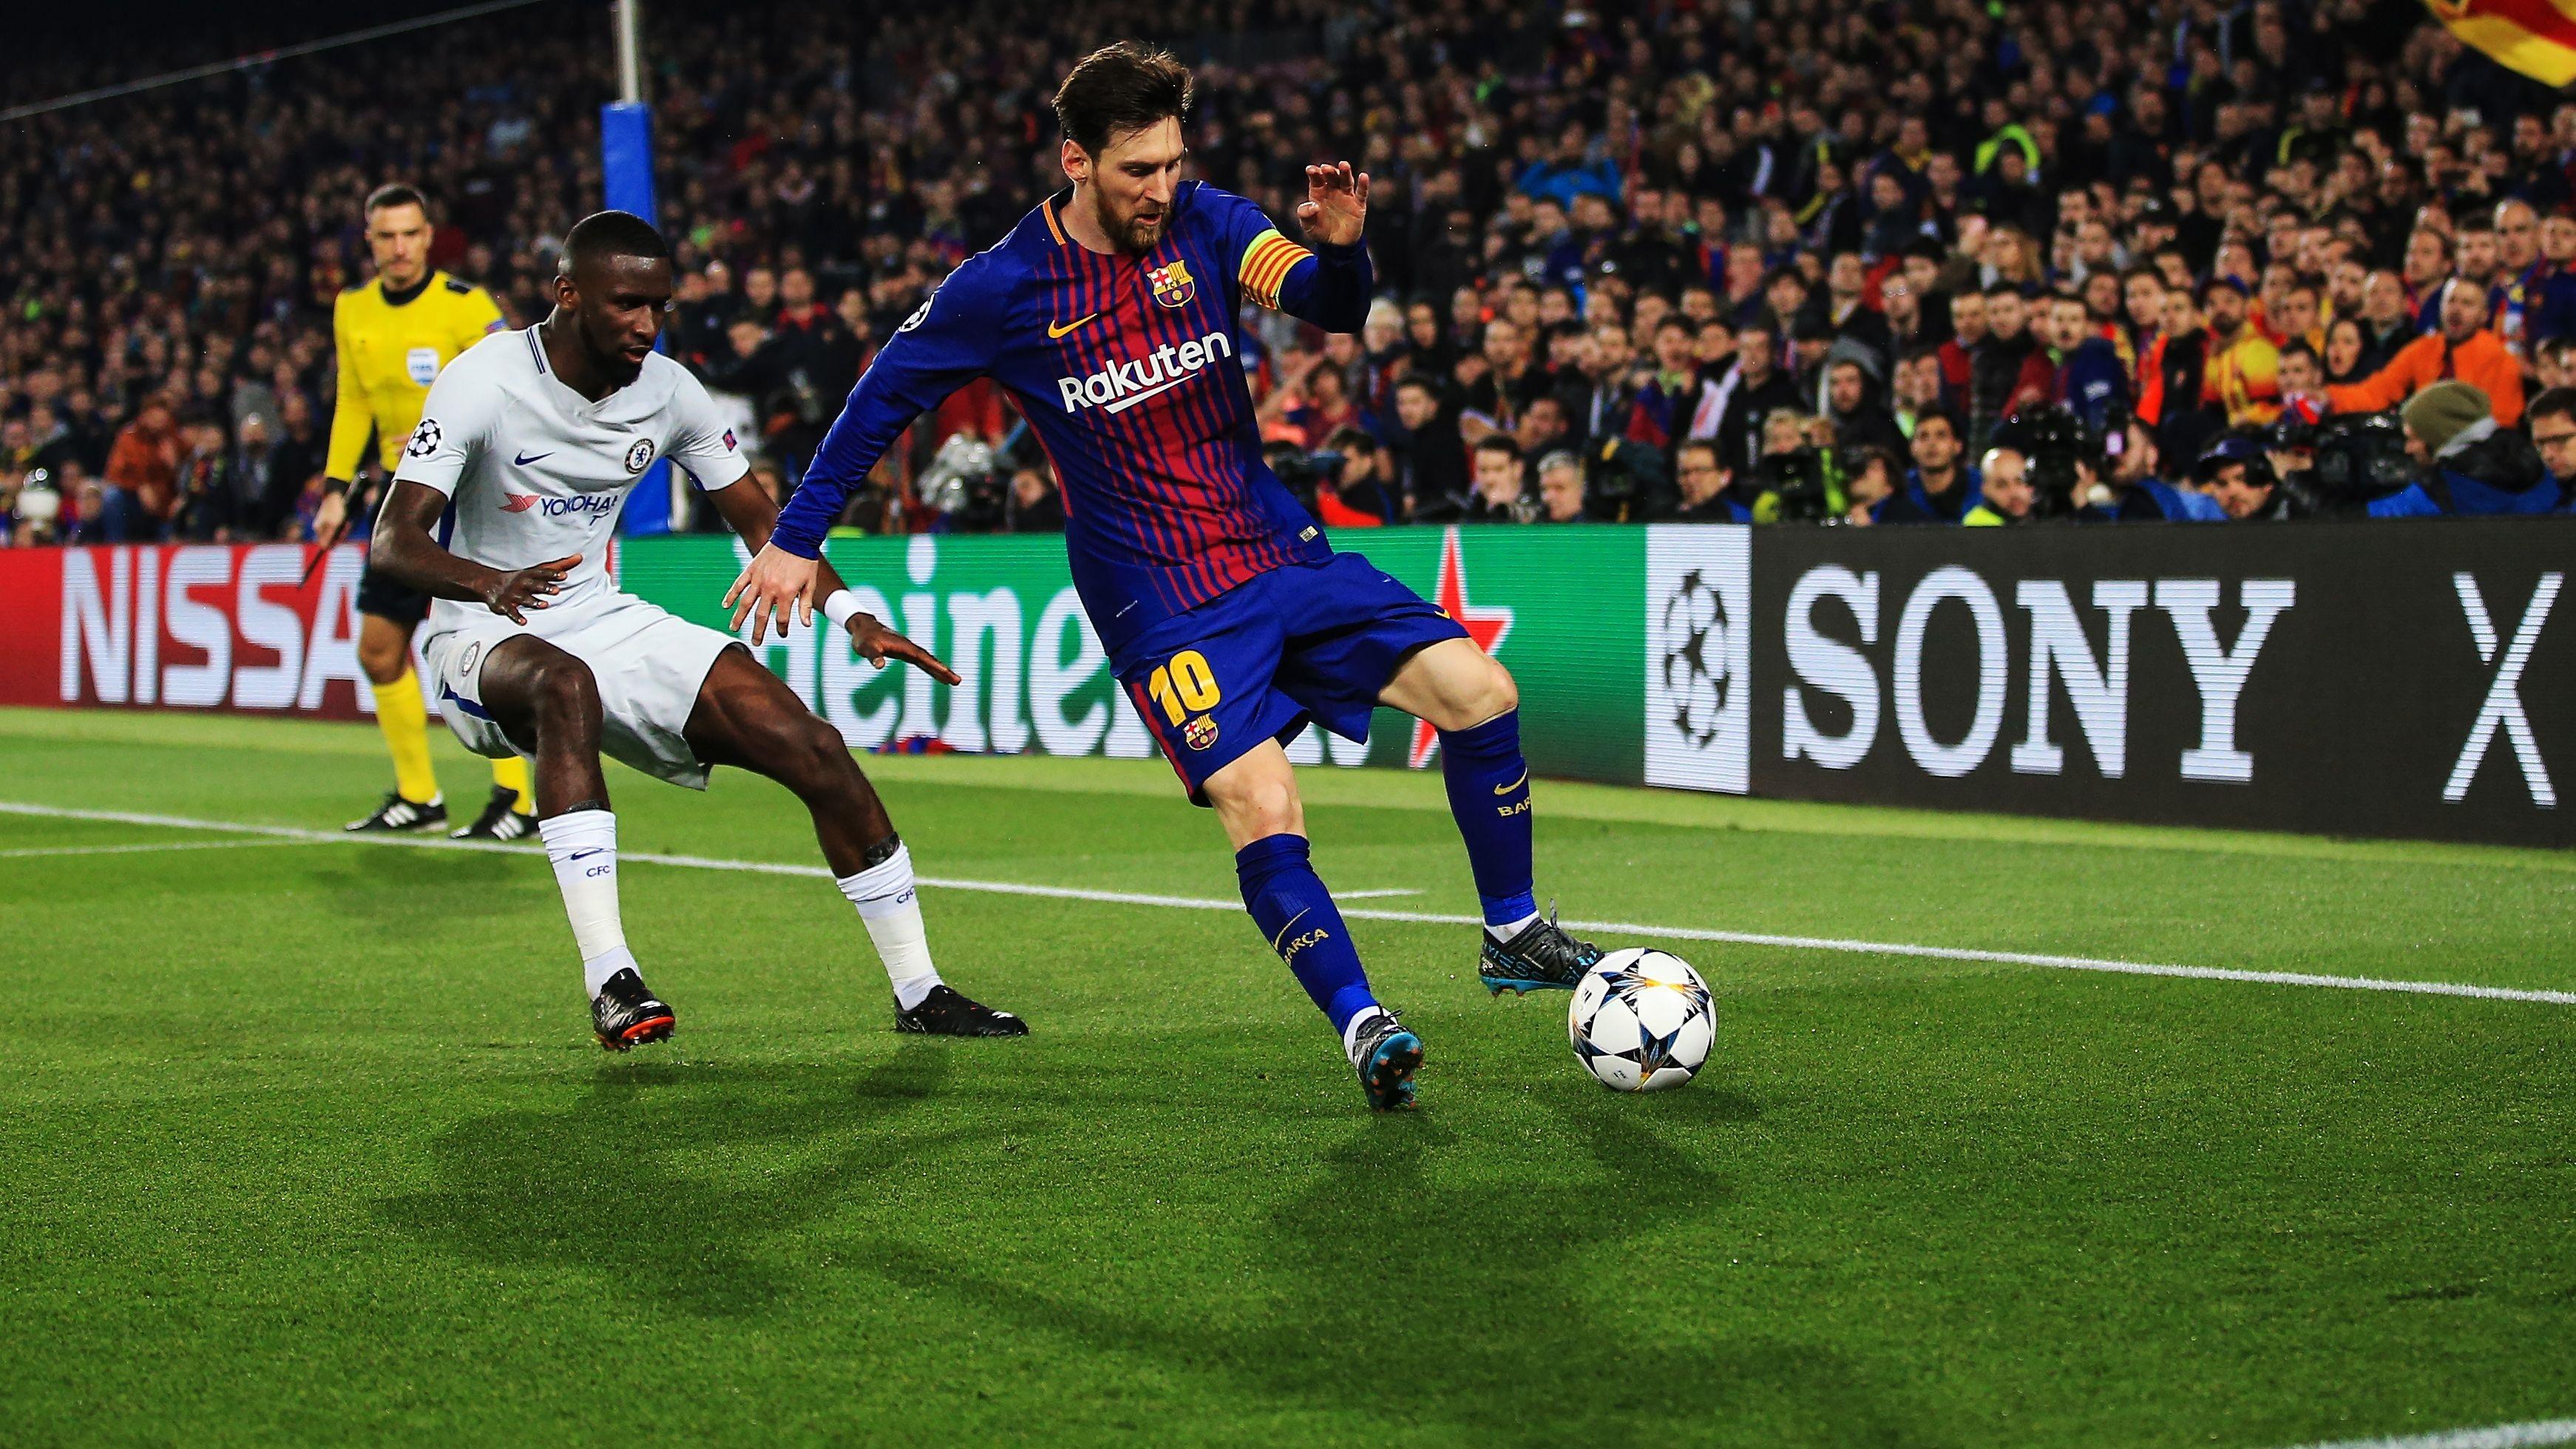 UEFA Champions League - Barcelona v Chelsea, Spain - 15 Mar 2018